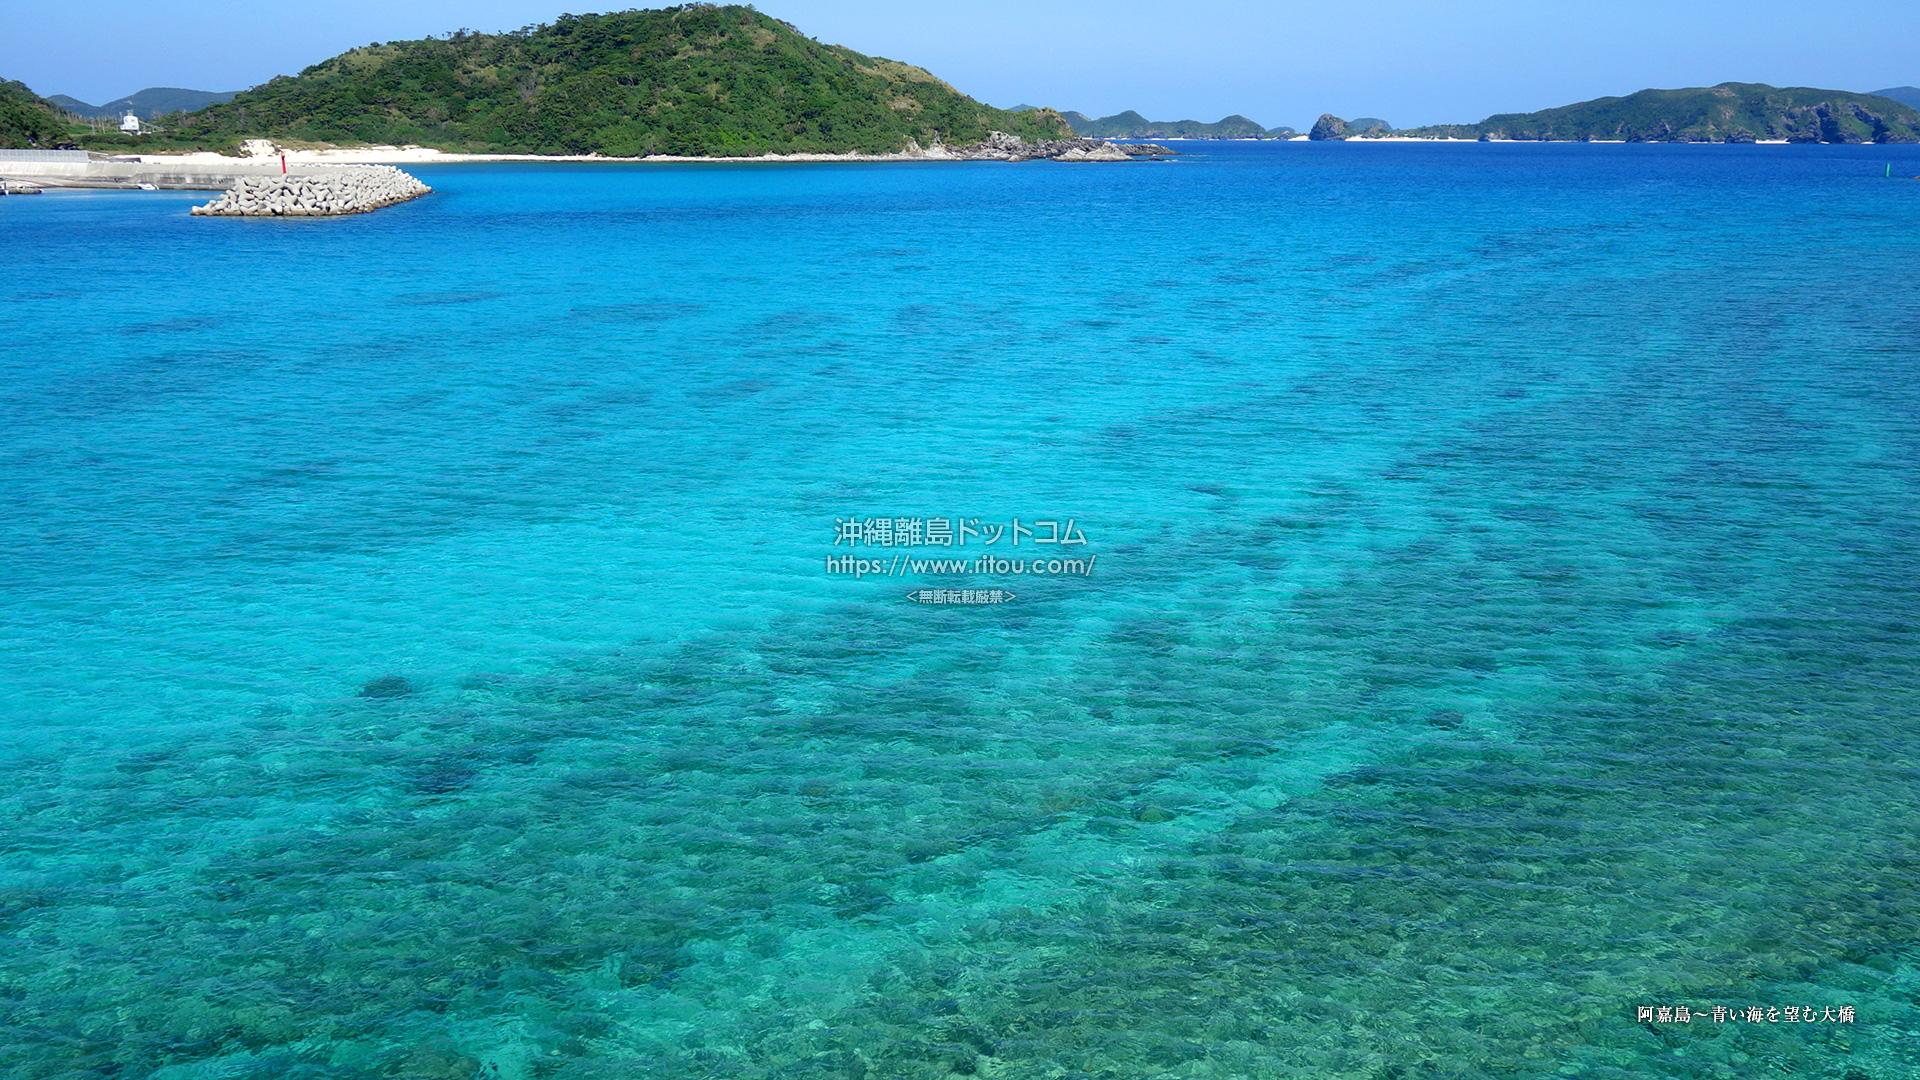 阿嘉島〜青い海を望む大橋